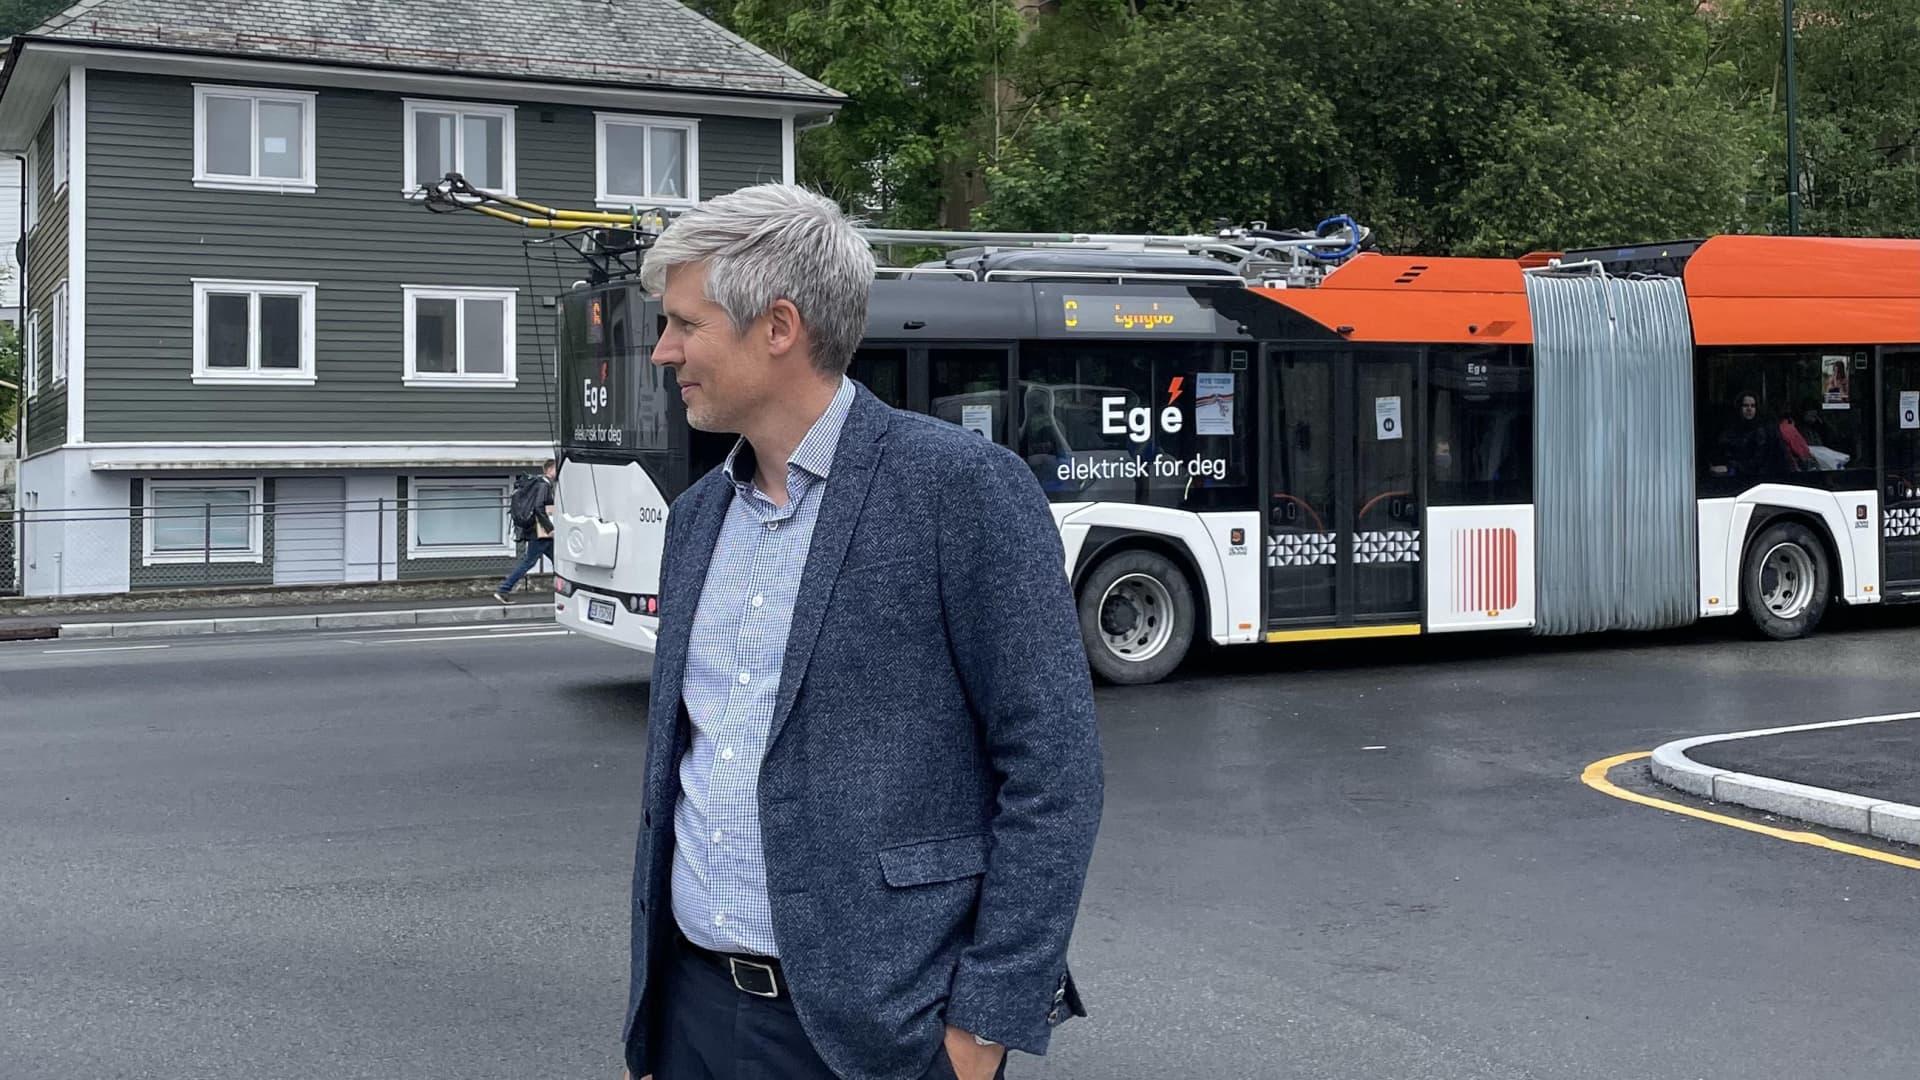 André Feste i Frydenbø Eiendom står fremfor Trolleybussen på Indre Laksevåg